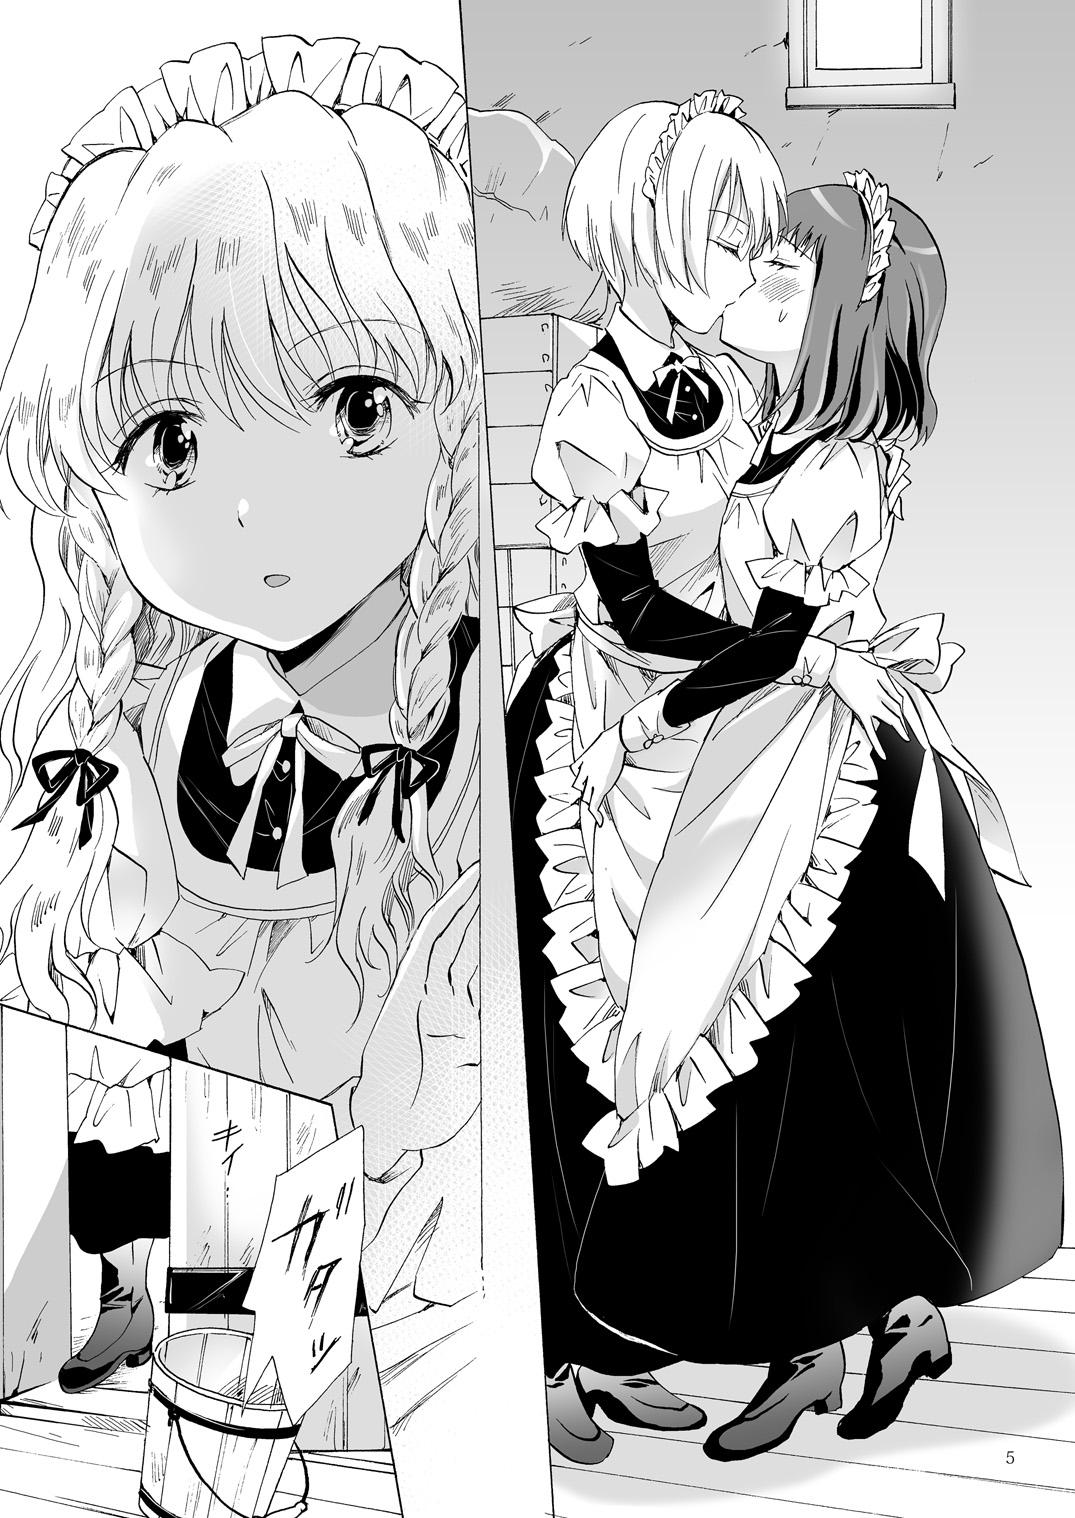 【エロ漫画・エロ同人誌】巨乳メイドがちっぱいメイドとレズエッチwww (4)